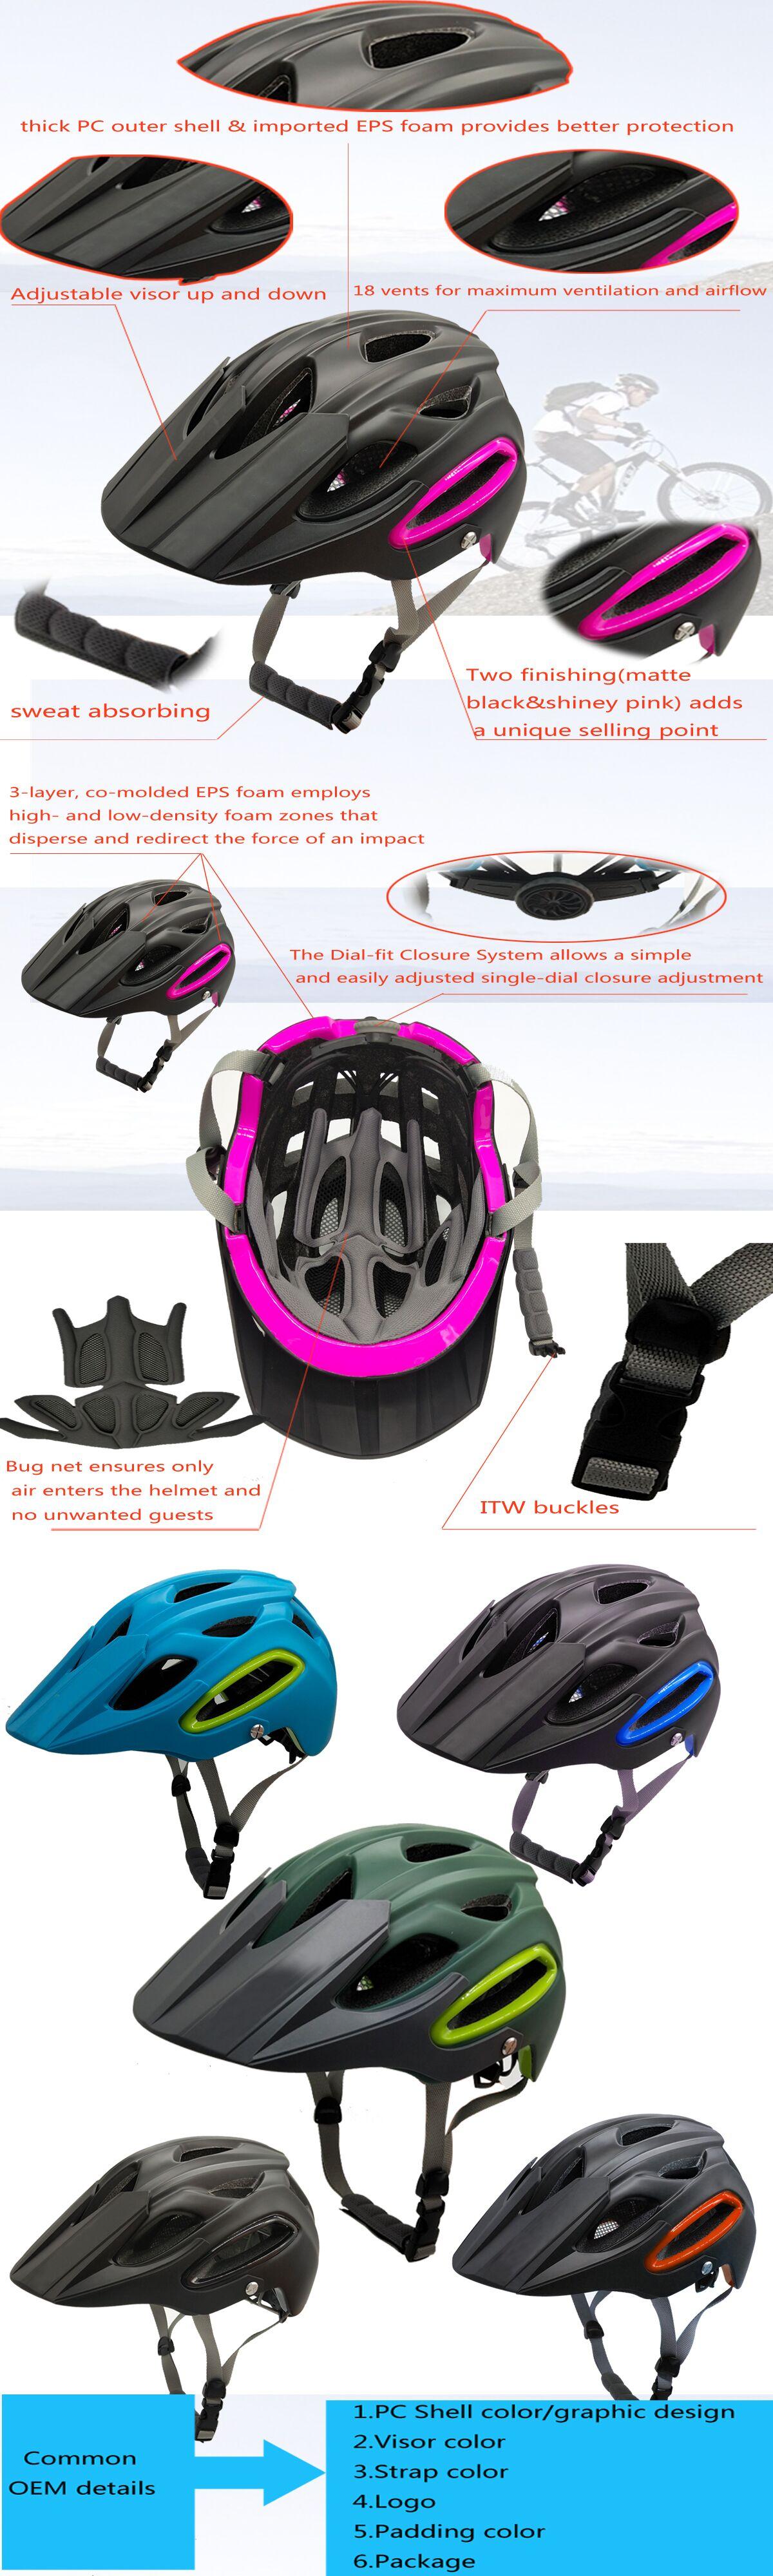 Mountian bike helmet